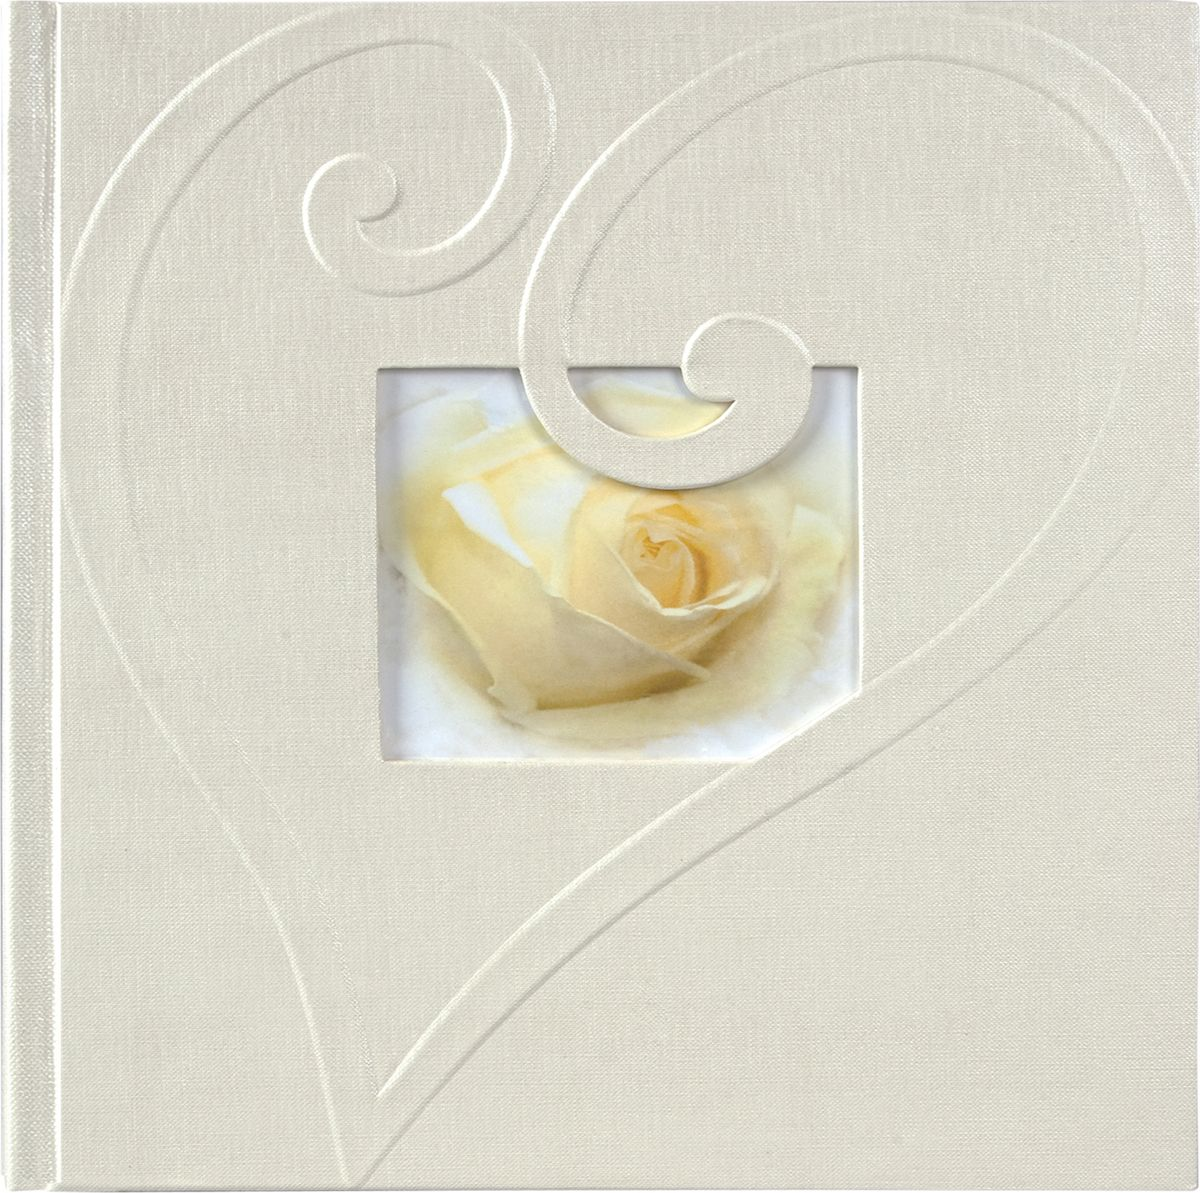 Фотоальбом Innova Wedding Memories, 200 фотографий, 10 x 15 см фотоальбом platinum соцветие 200 фотографий 10 х 15 см